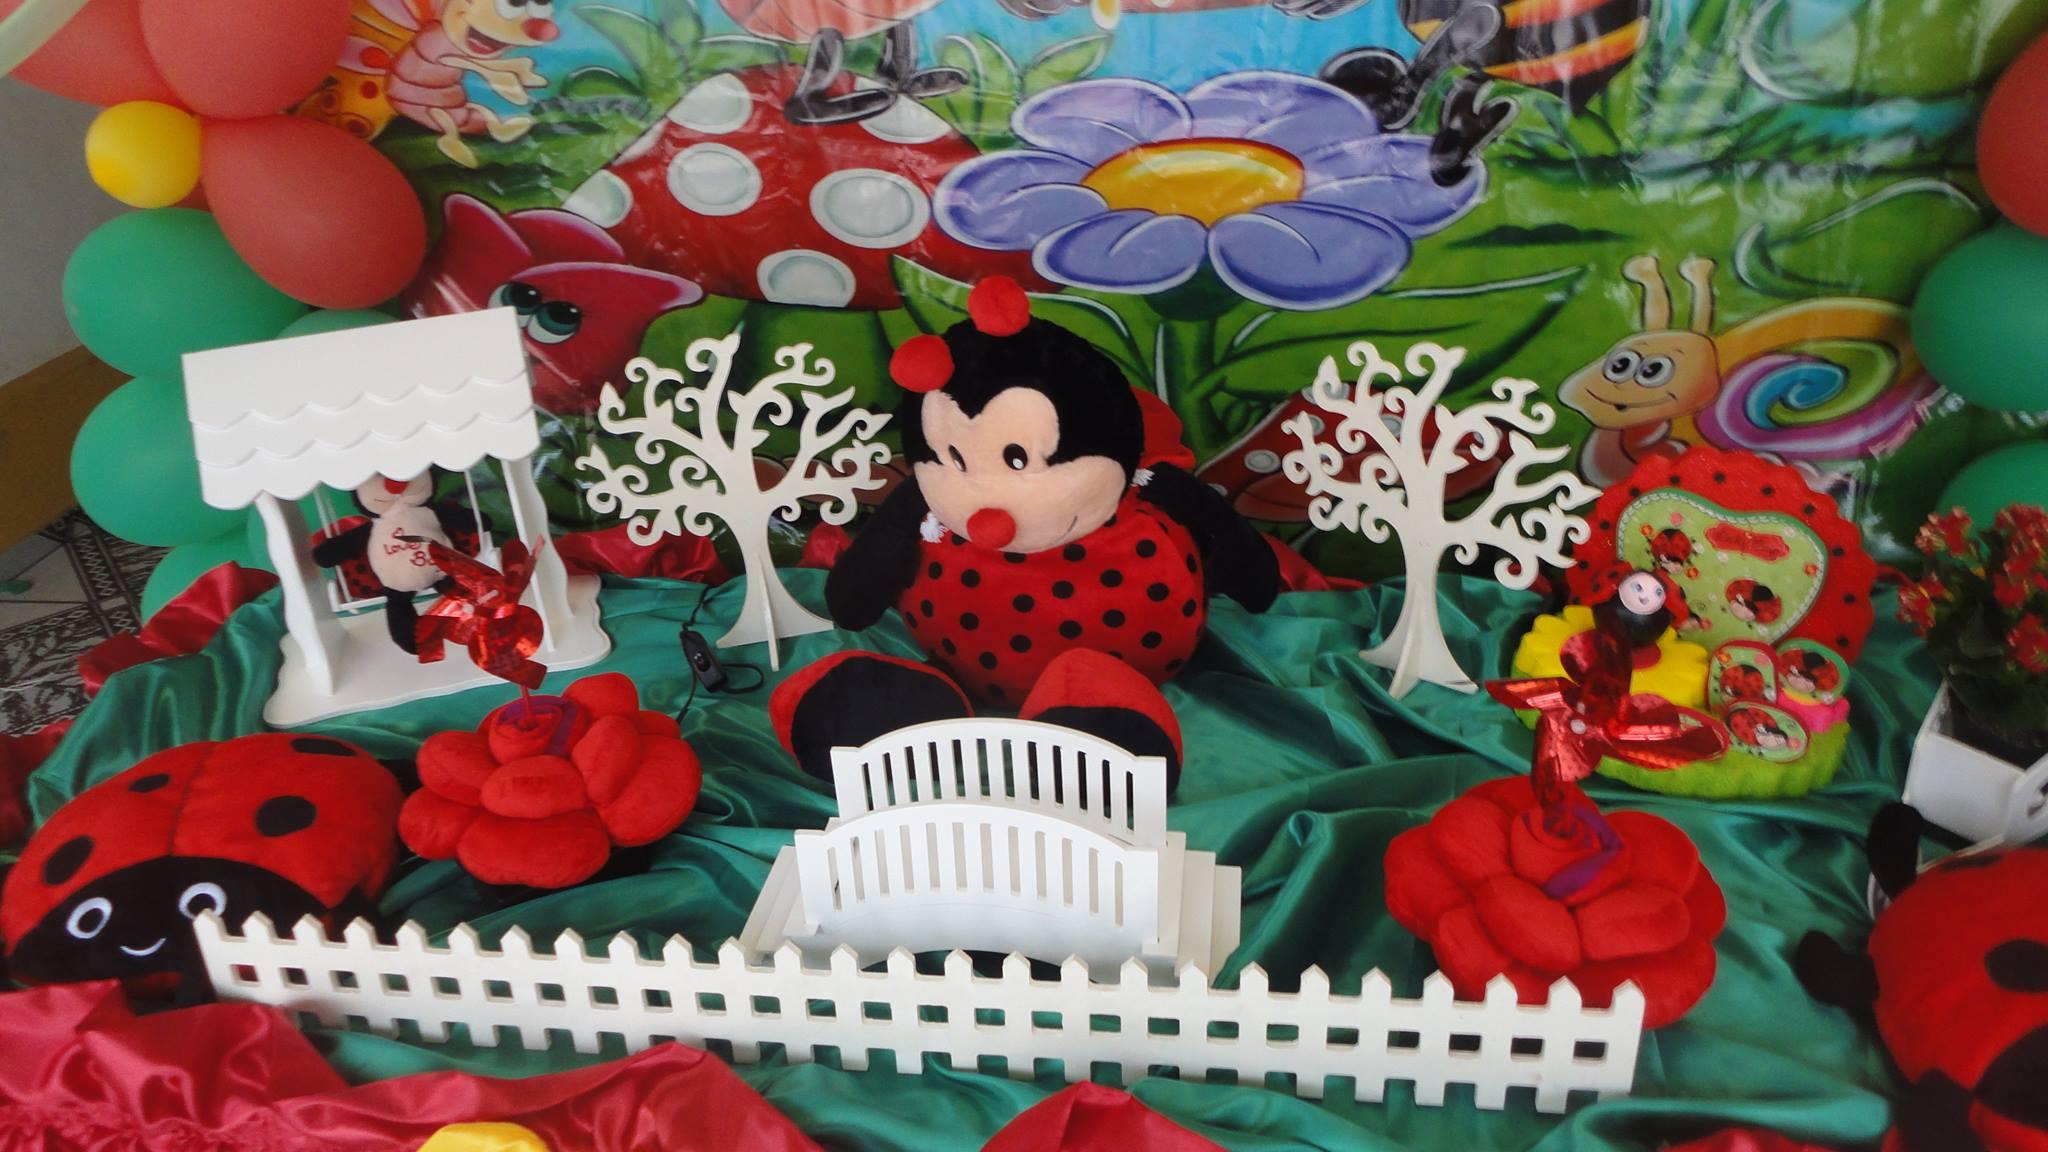 decoracao de festa infantil jardim das joaninhas:festa joaninha joaninha decoracao de festa joaninha decoracao de festa